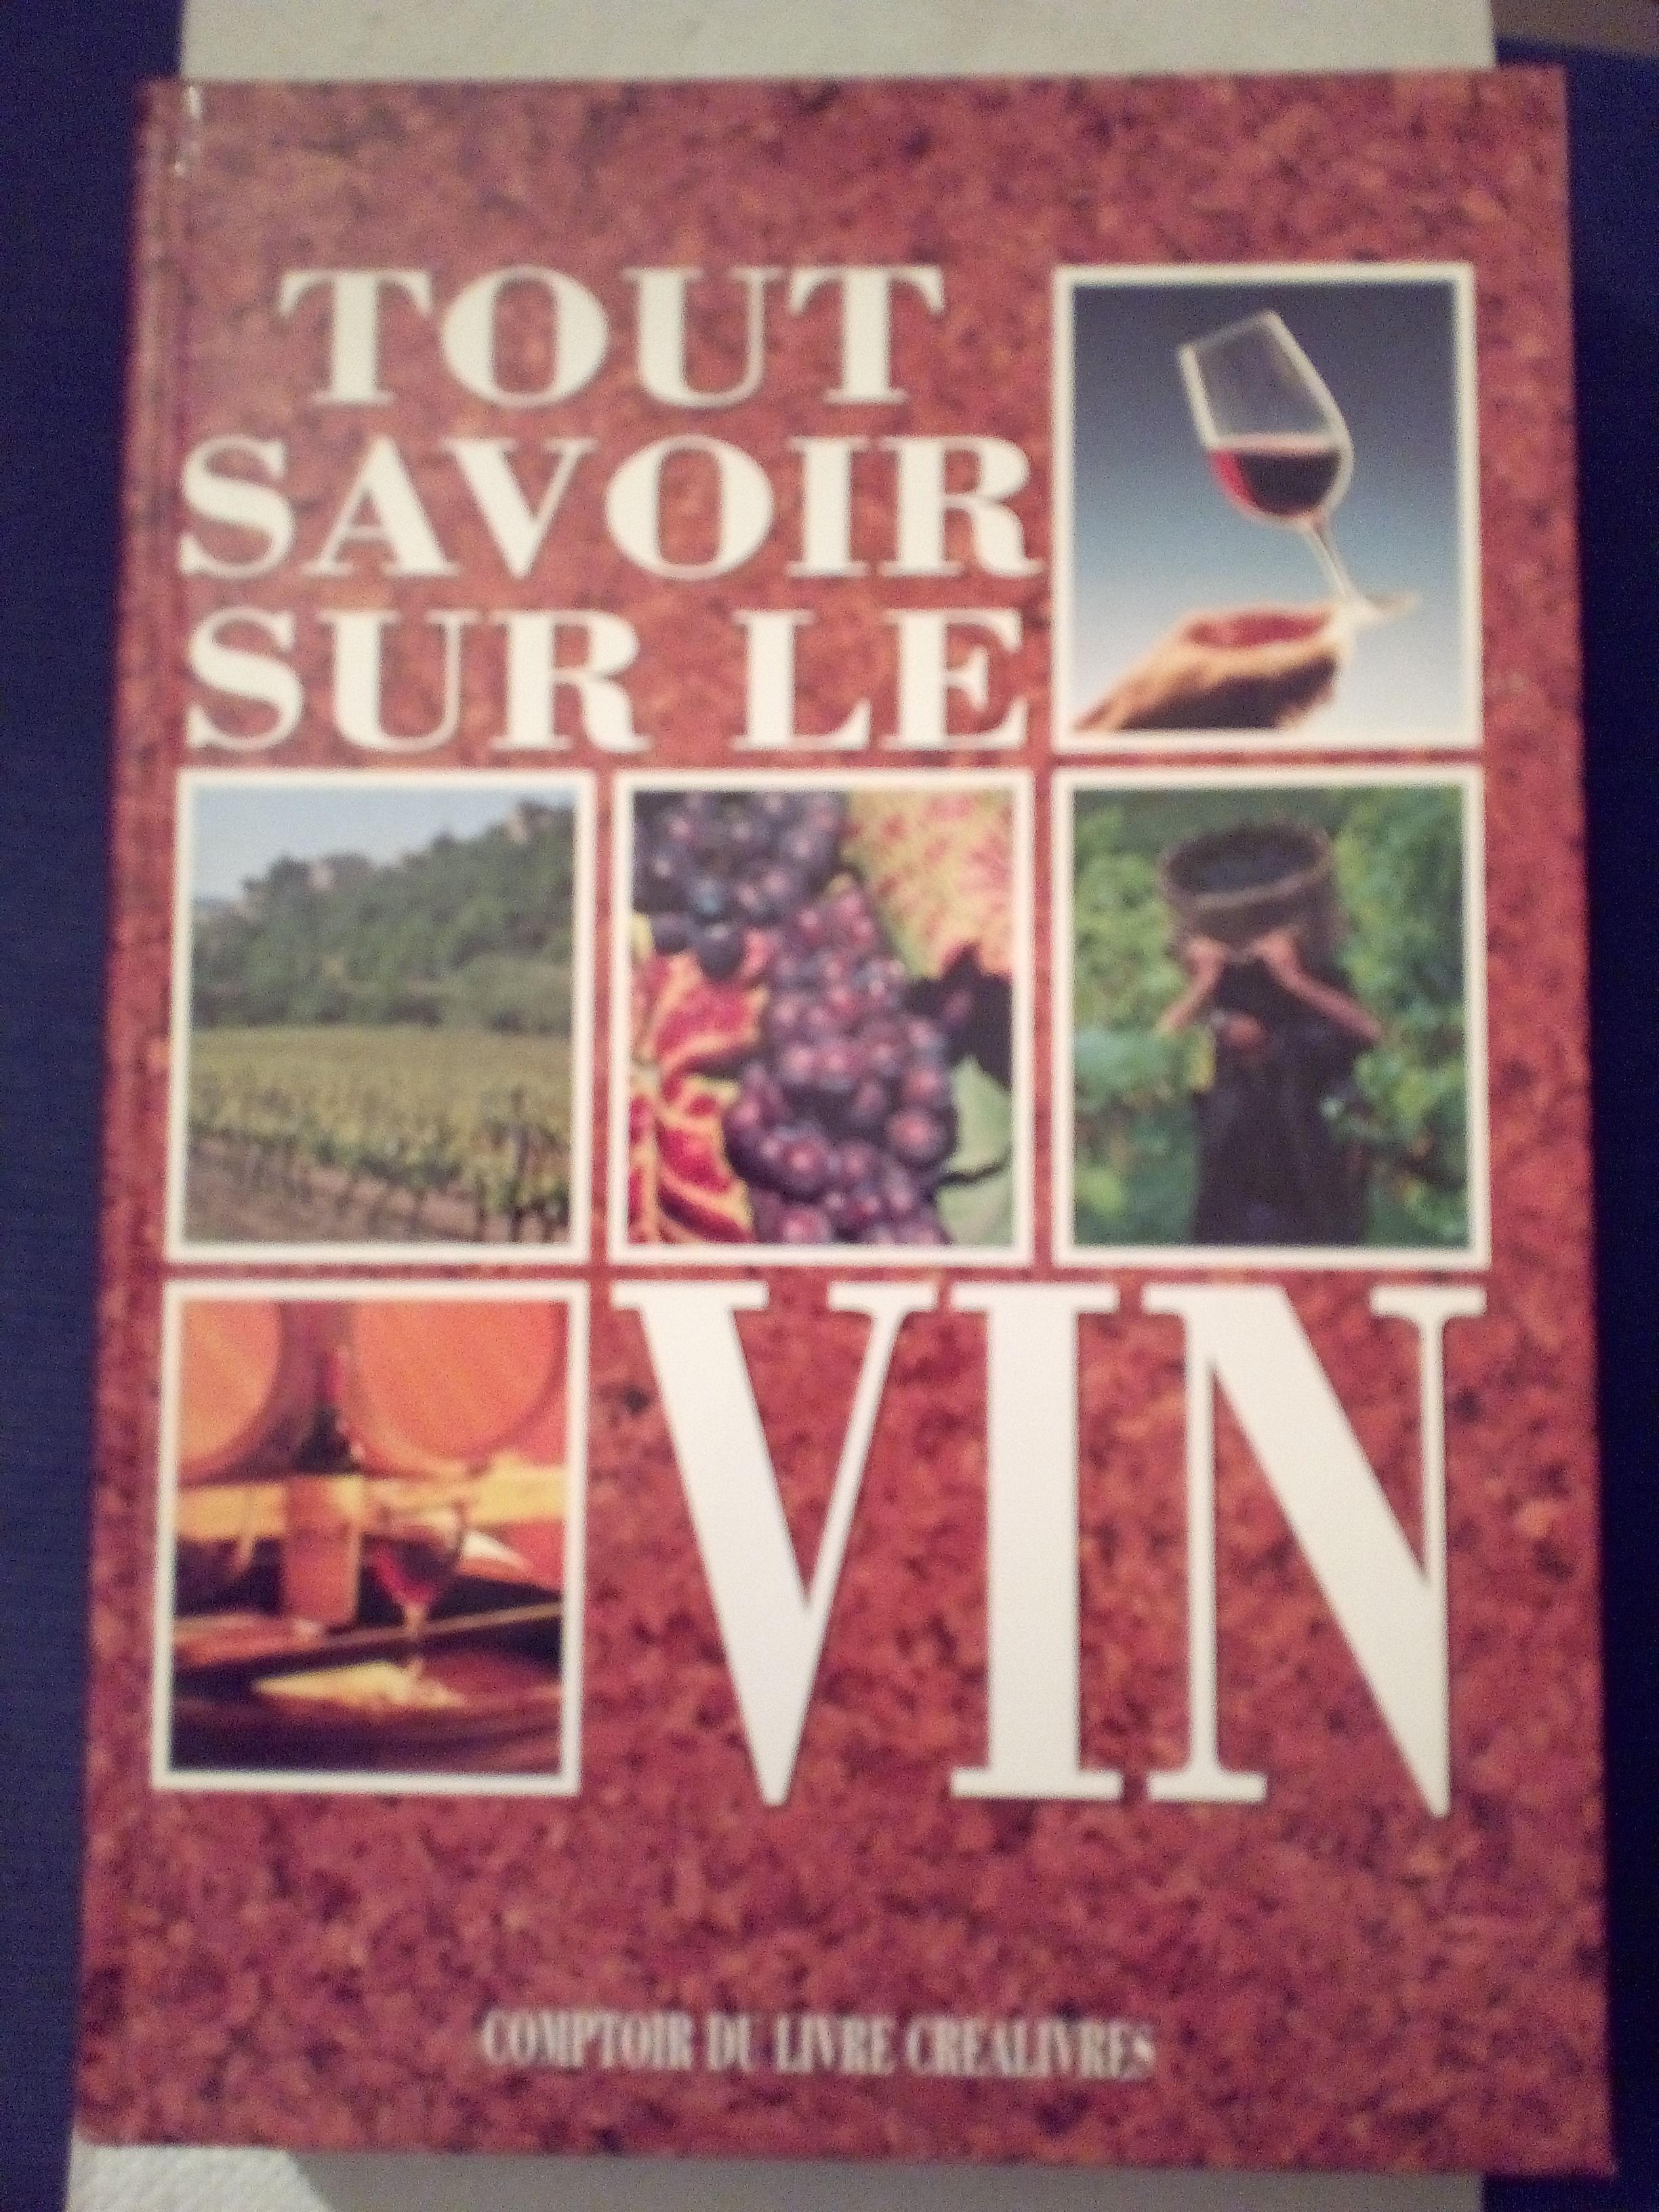 TOUT SAVOIR SUR LE VIN  10 Savigny-sur-Orge (91)